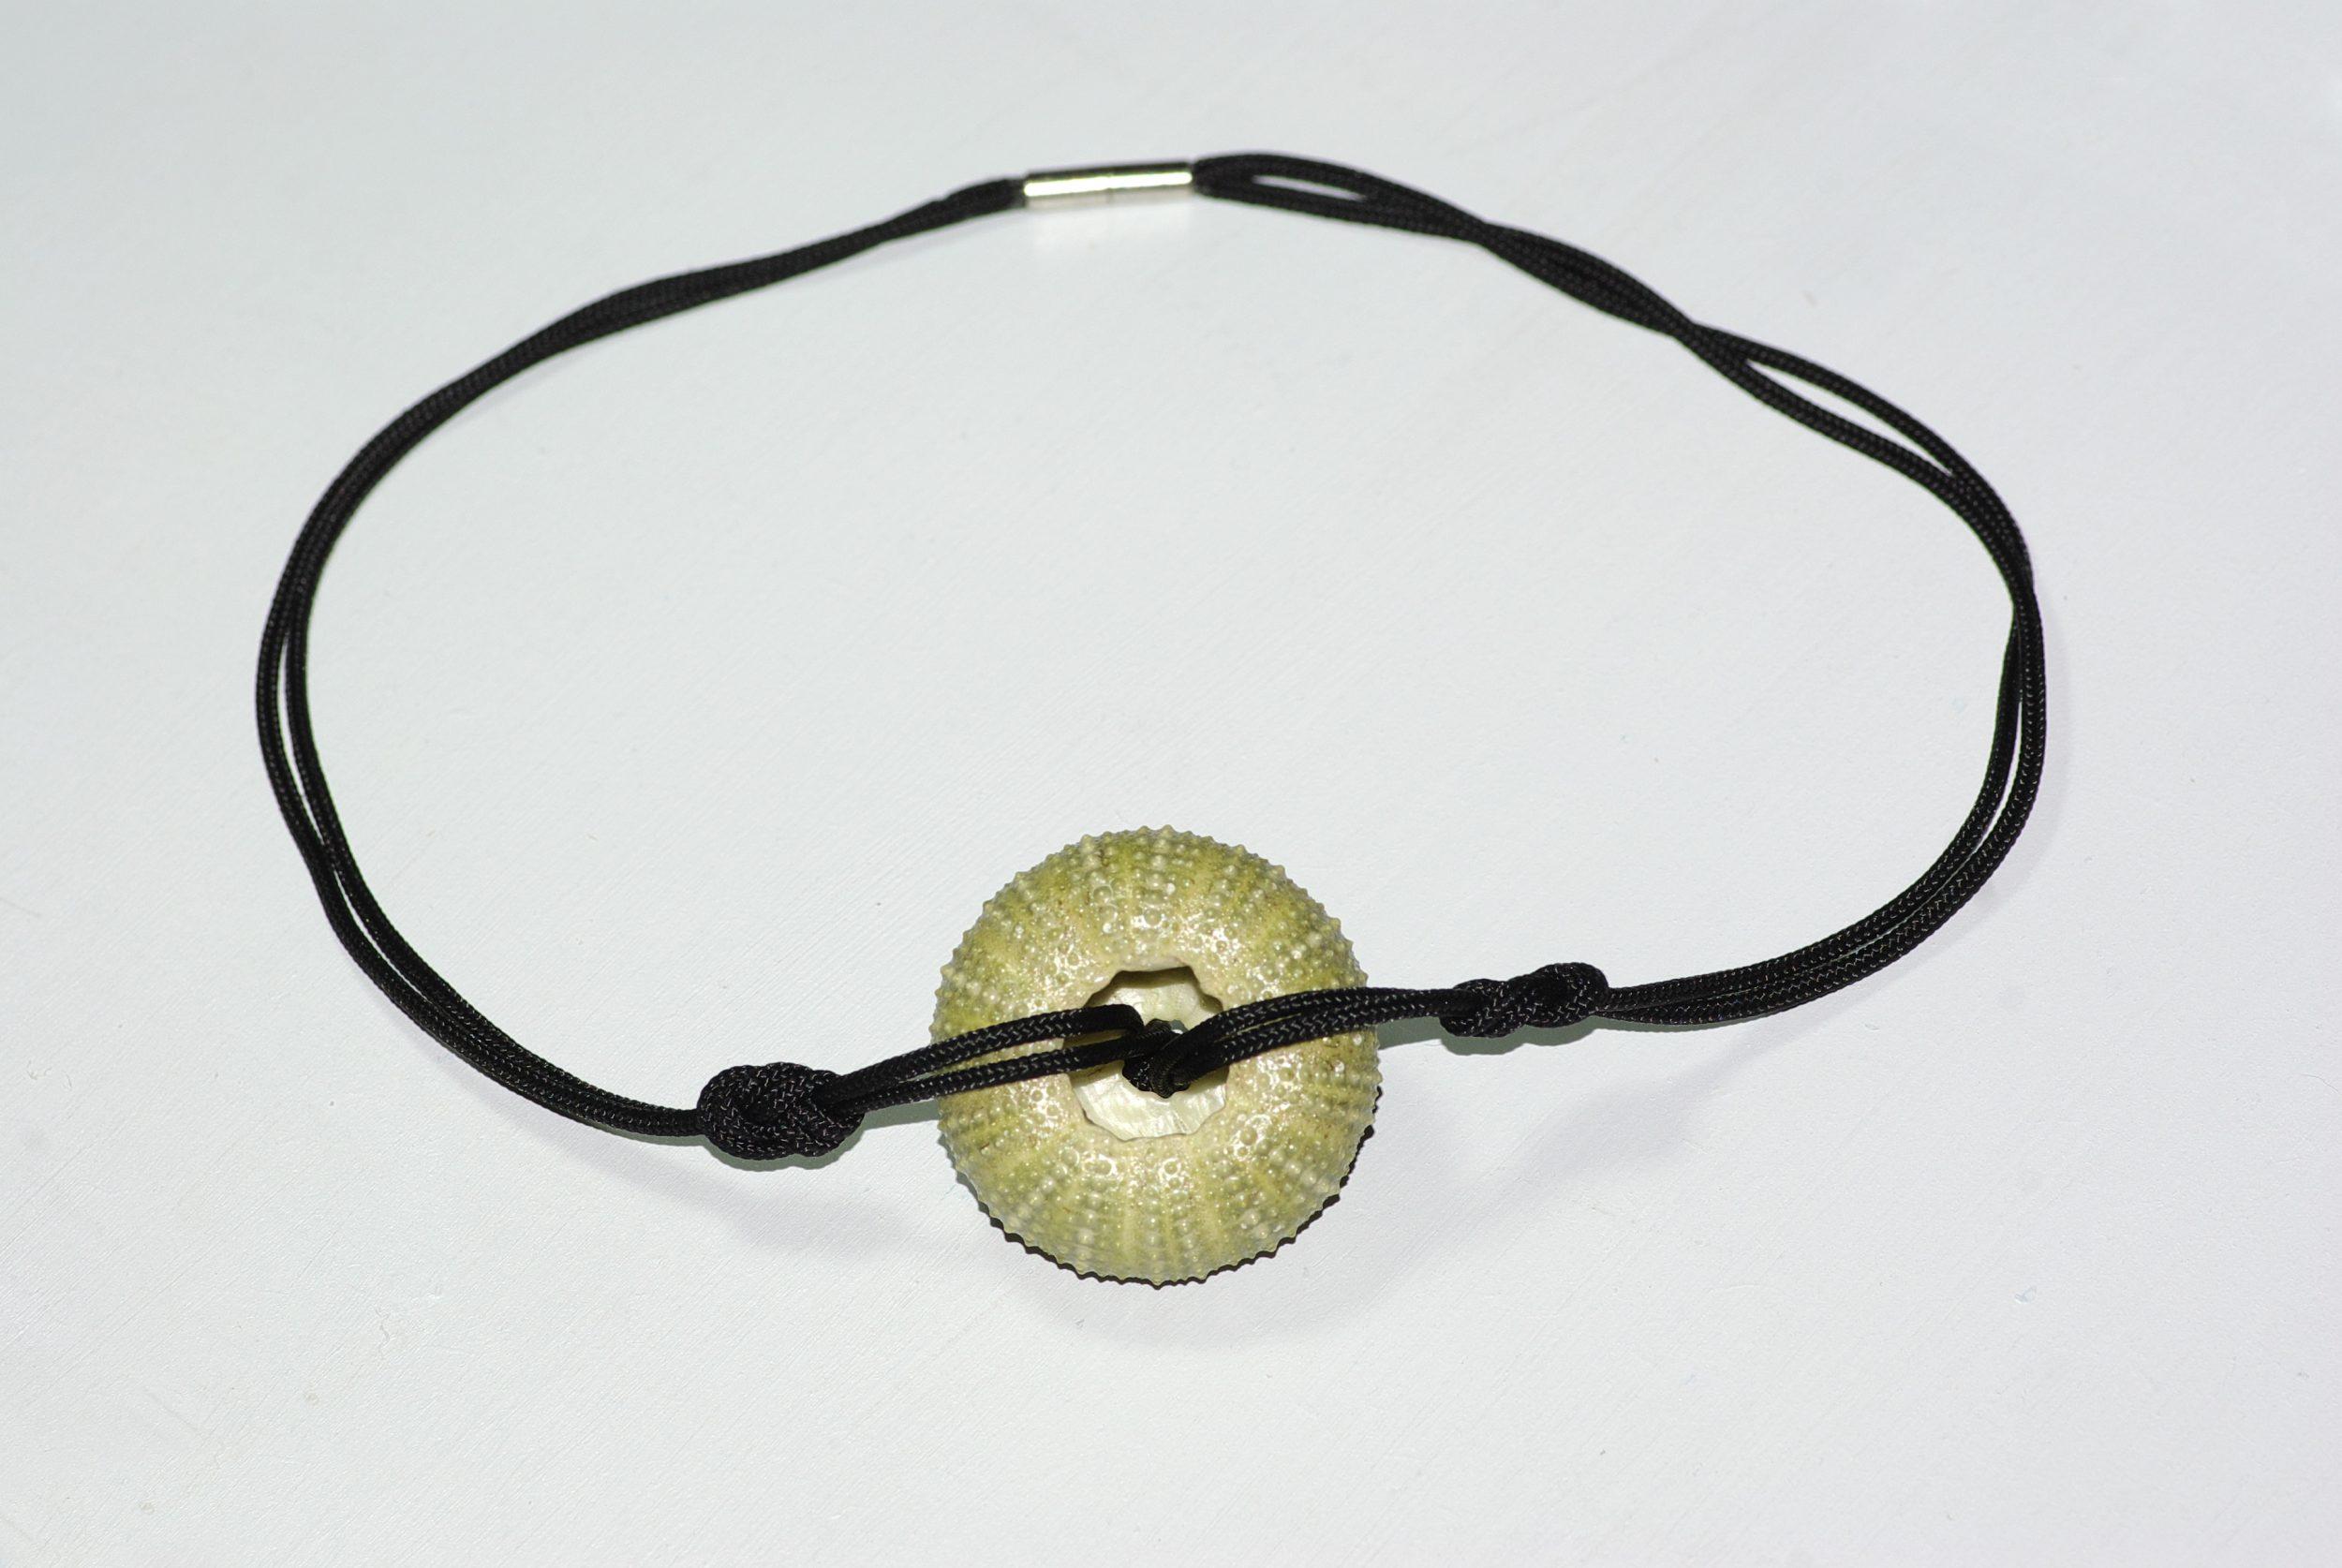 Collier avec un pendentif oursin vert sur une cordelette noire en polyester nouée façon marine. Vu de sos